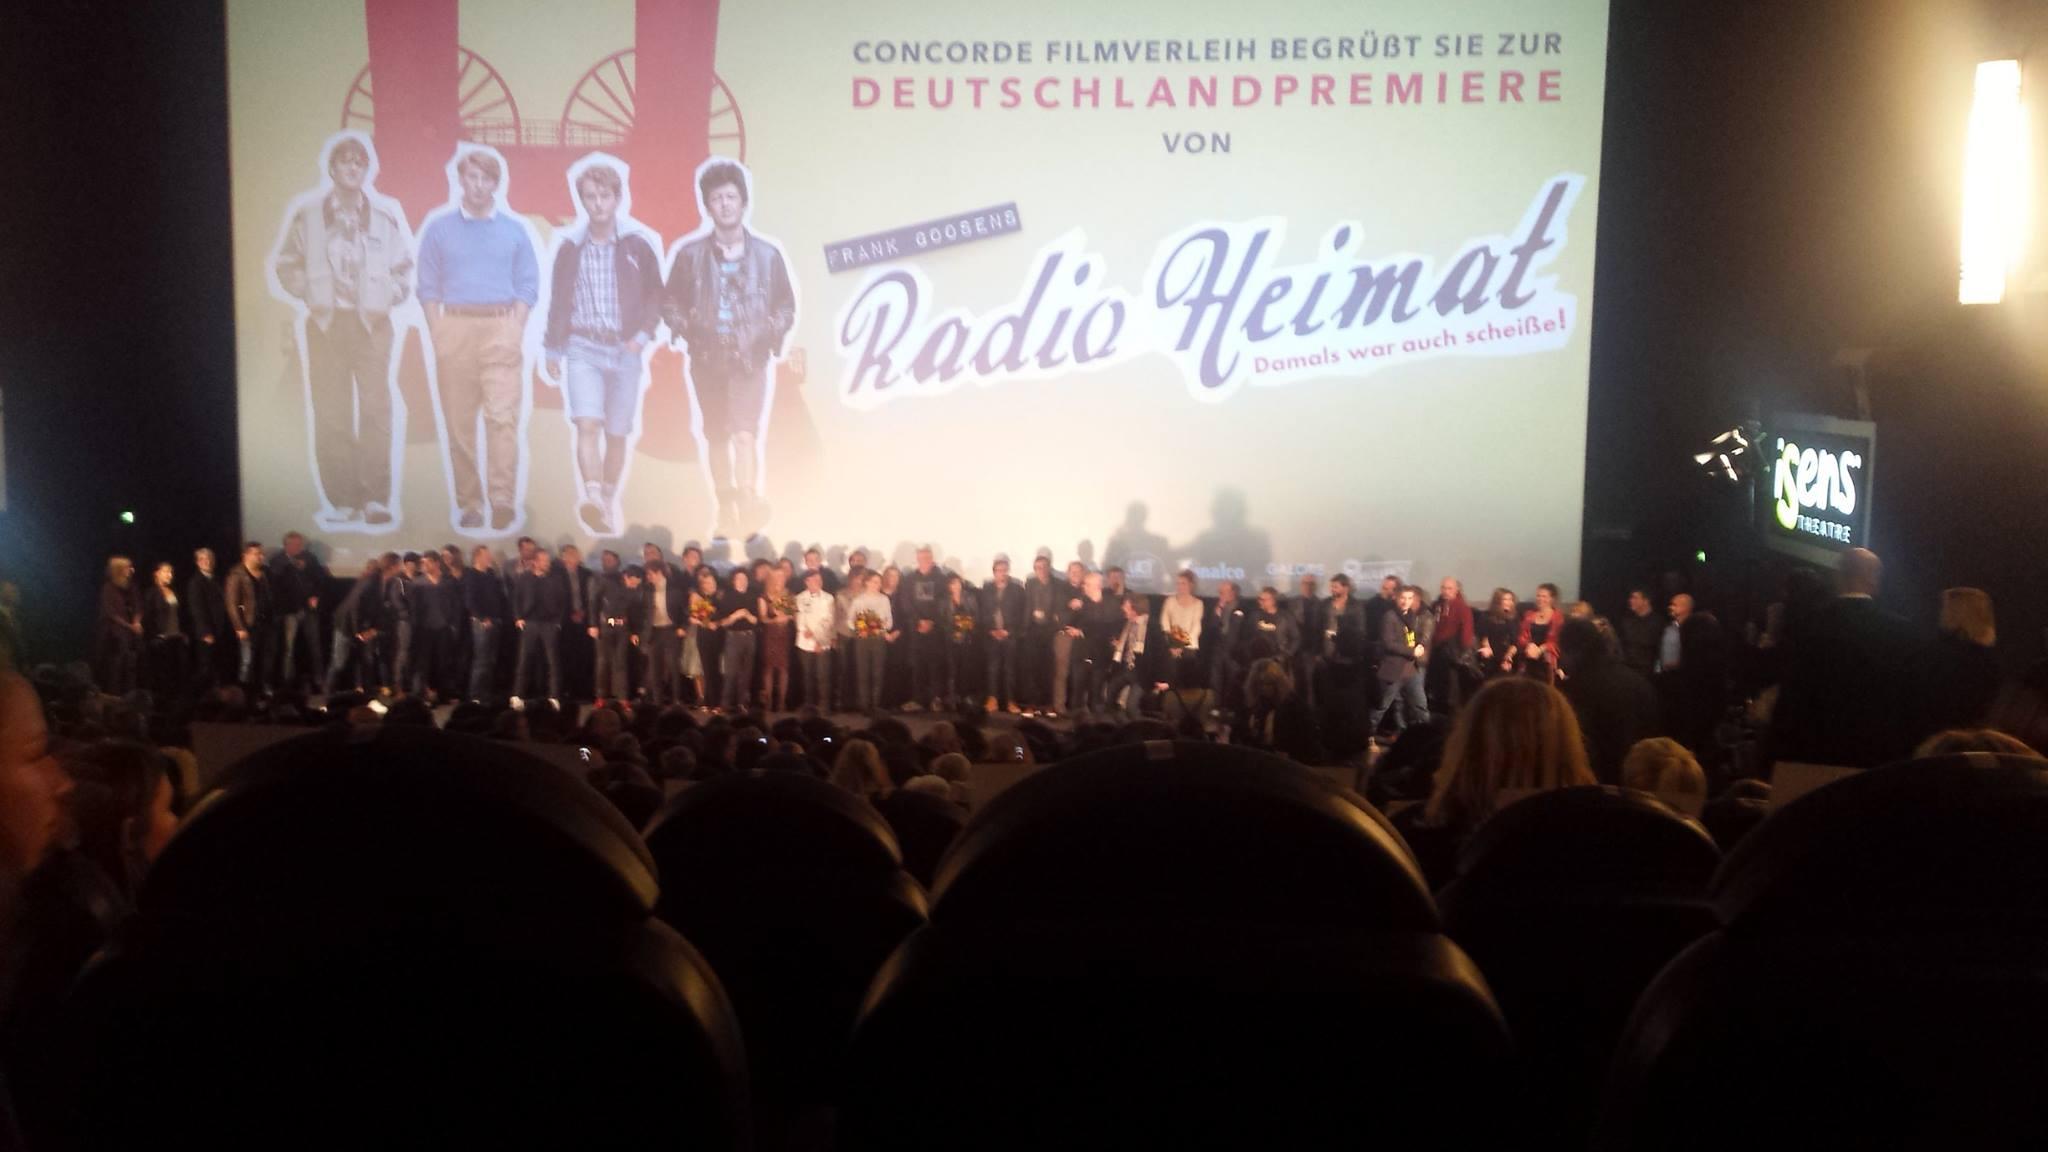 """Kinofilm """"Radio Heimat"""" feiert Premiere! Mit Musik von Peripherique Publishing"""